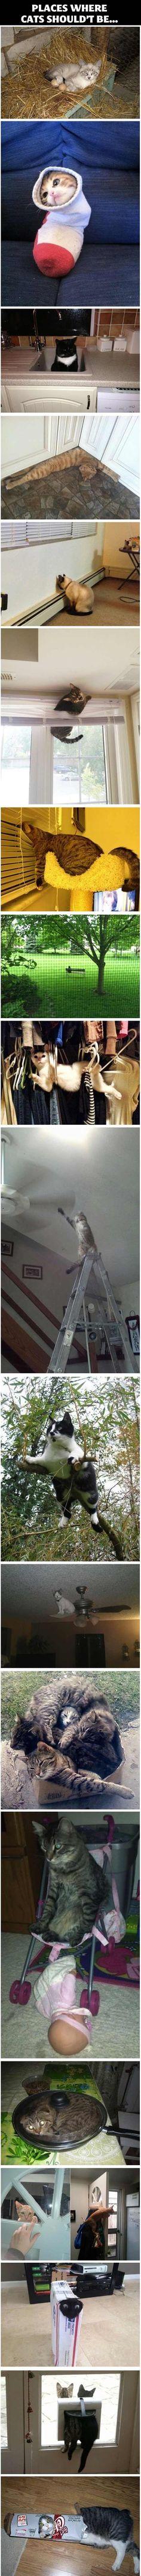 Hahahahaha katter är så skumma